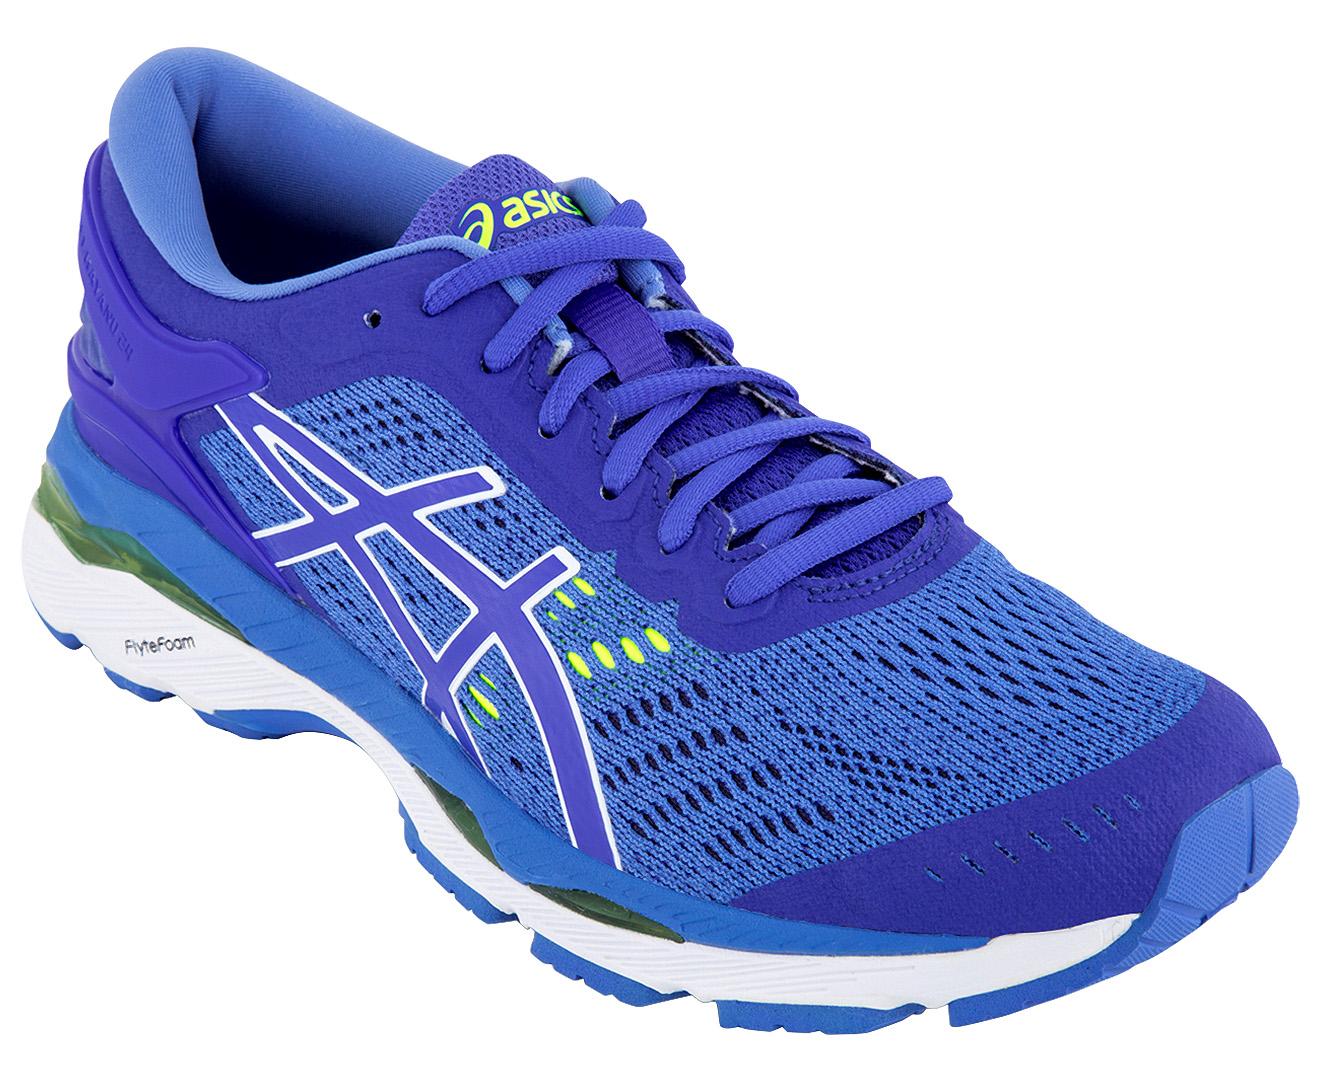 Asics Women S Gel Kayano 24 Shoe Purple Regatta Blue